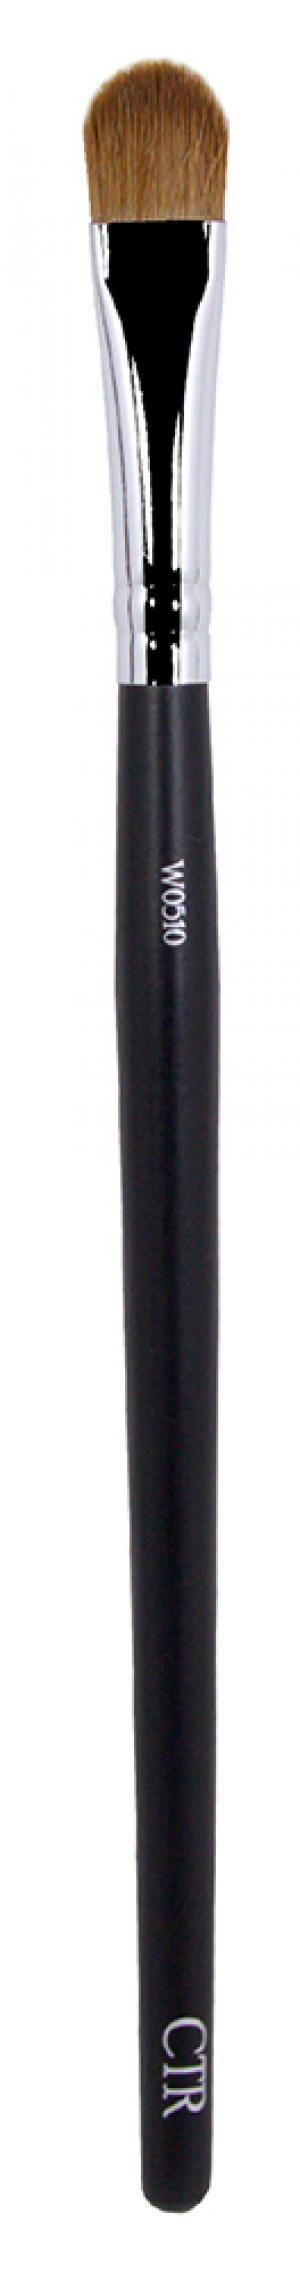 Кисть для нанесения теней ворс соболь W0510 - 00-00011556